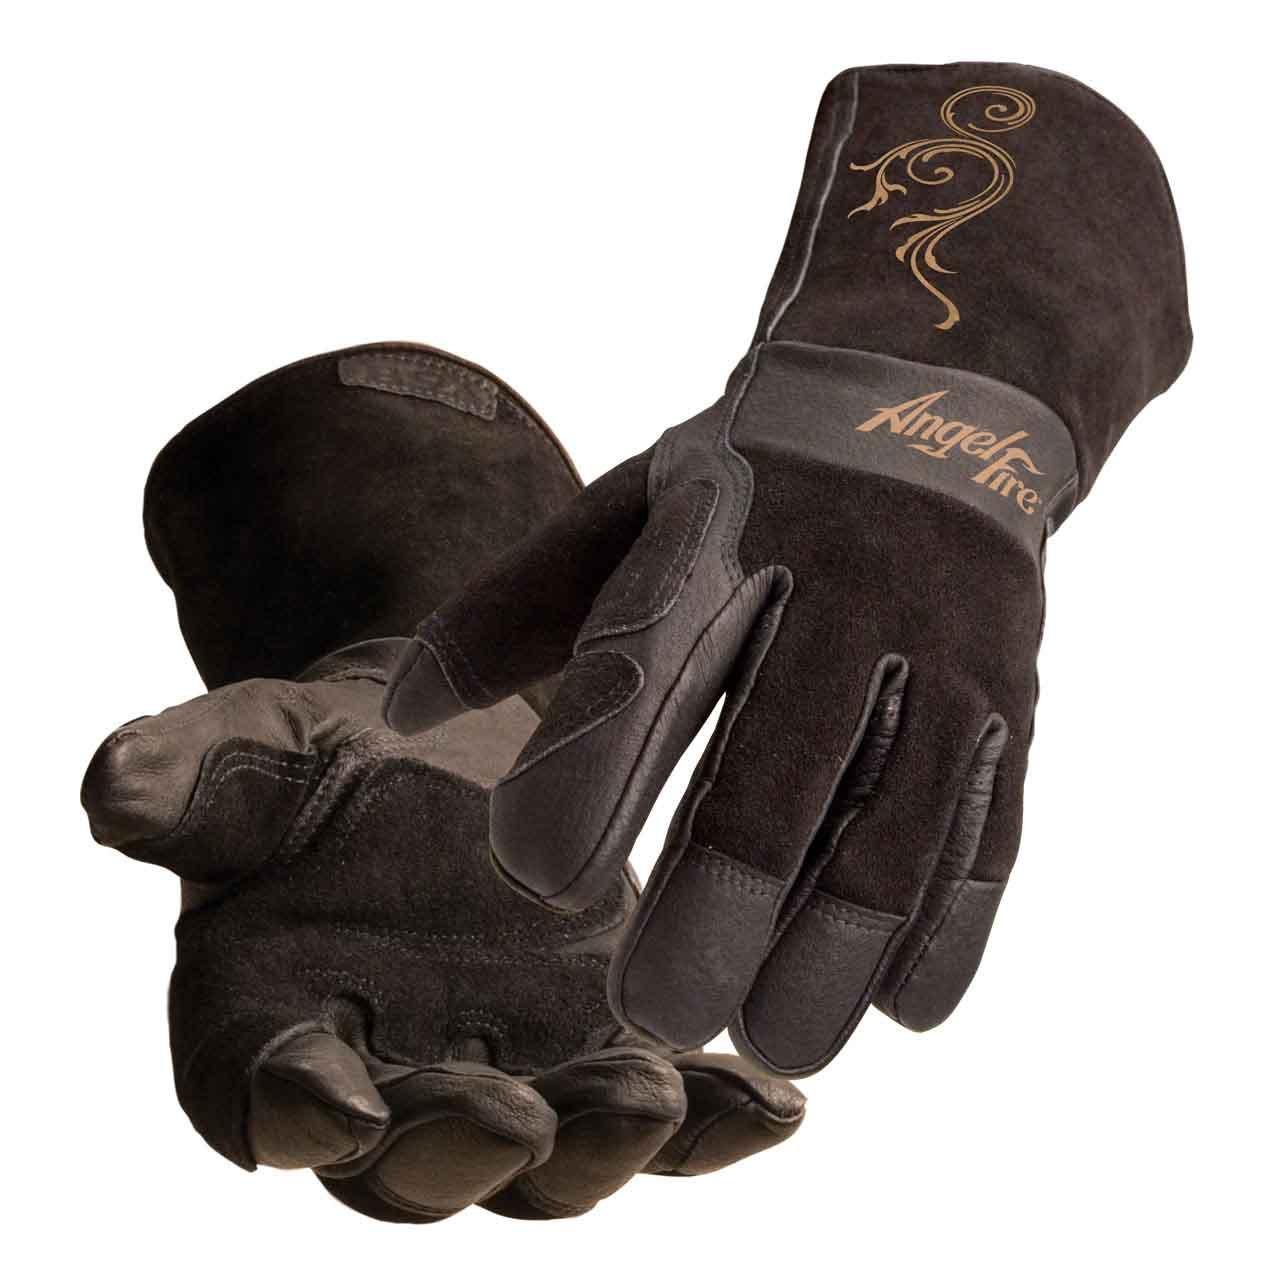 Black Stallion BSX LS50 Woman's AngelFire Premium Pigskin Welding Gloves - Medium by Black Stallion